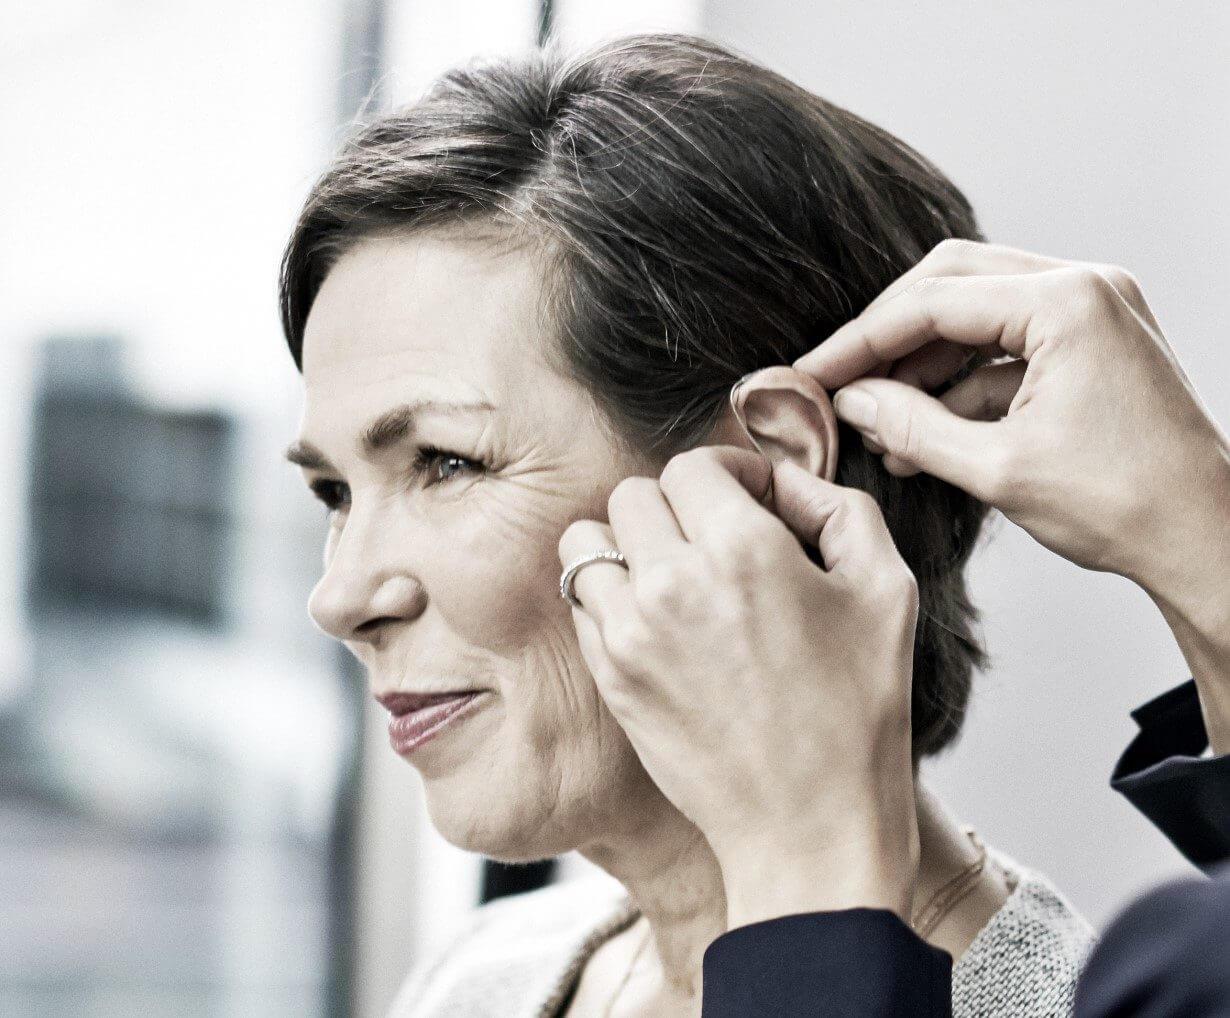 Hörgeräte helfen bei Hörverlust